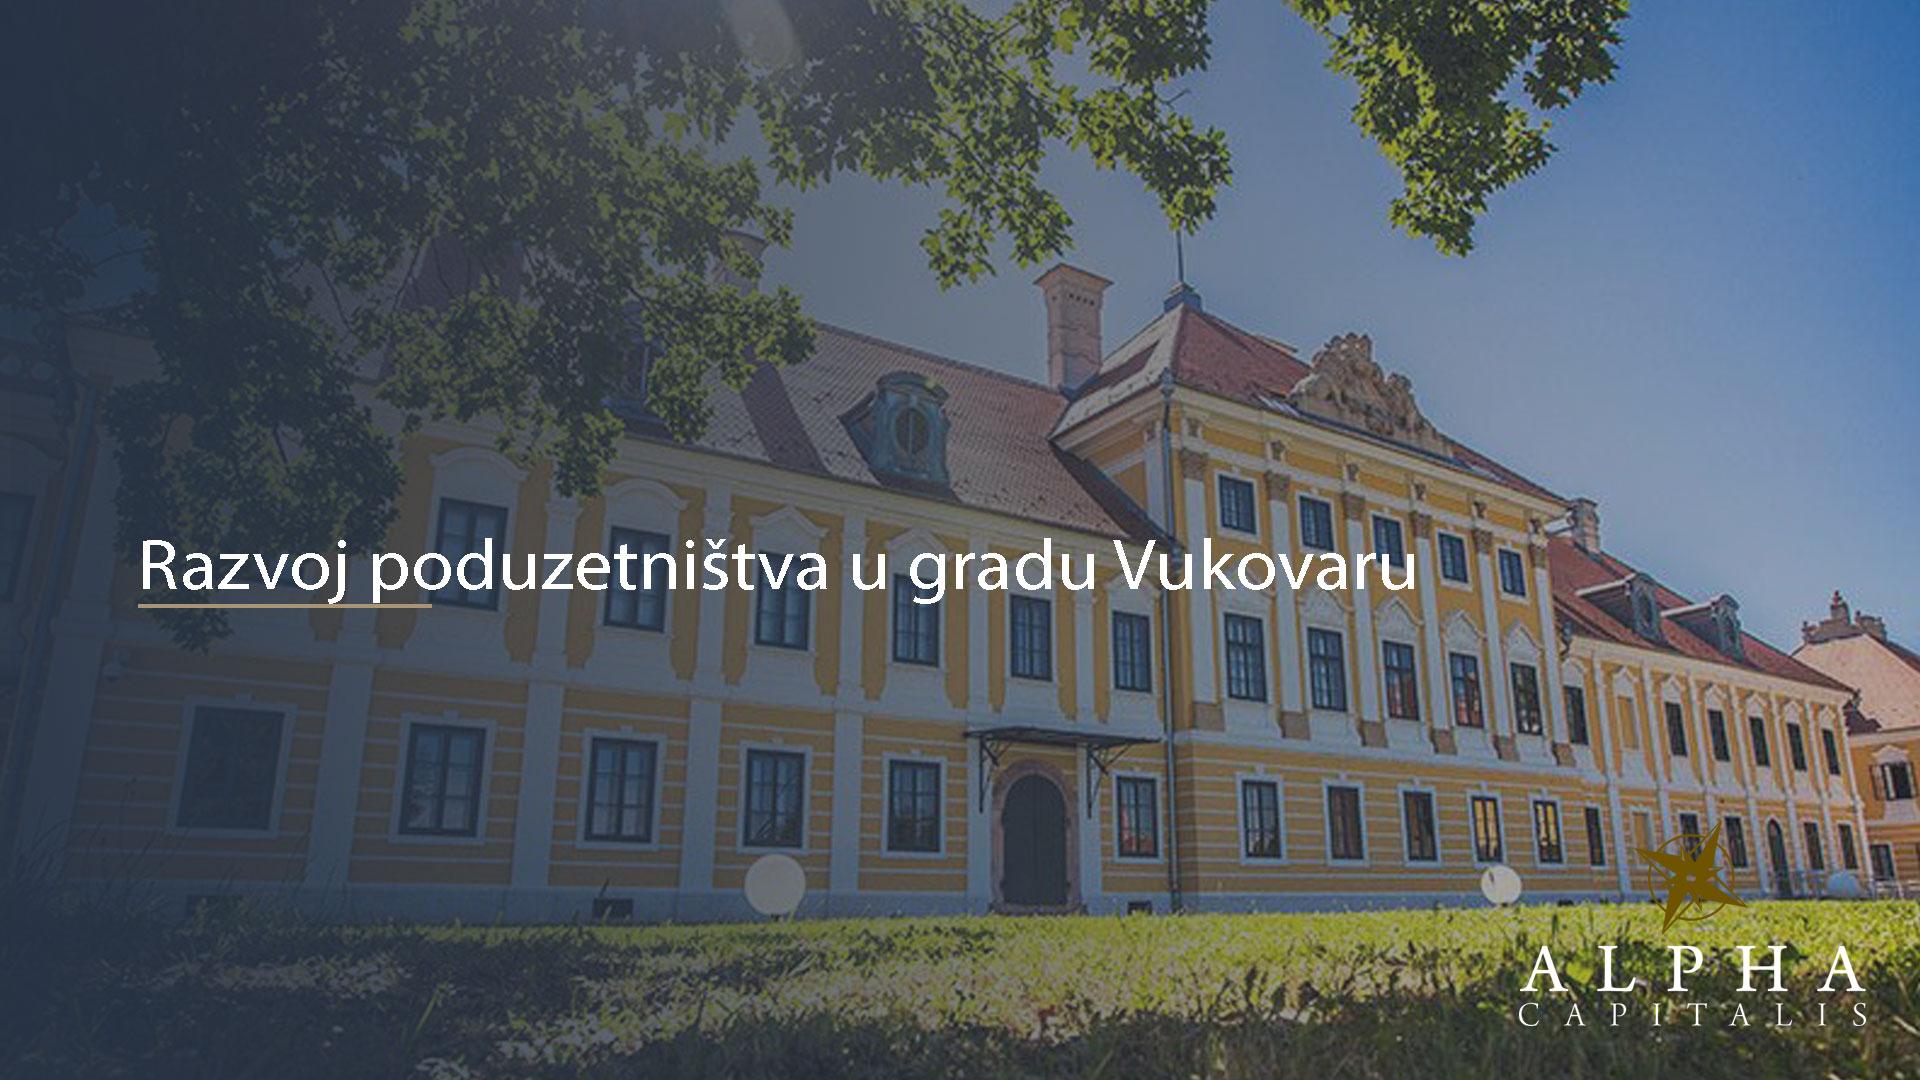 alpha-capitalis-Razvoj-poduzetništva-u-gradu-Vukovaru